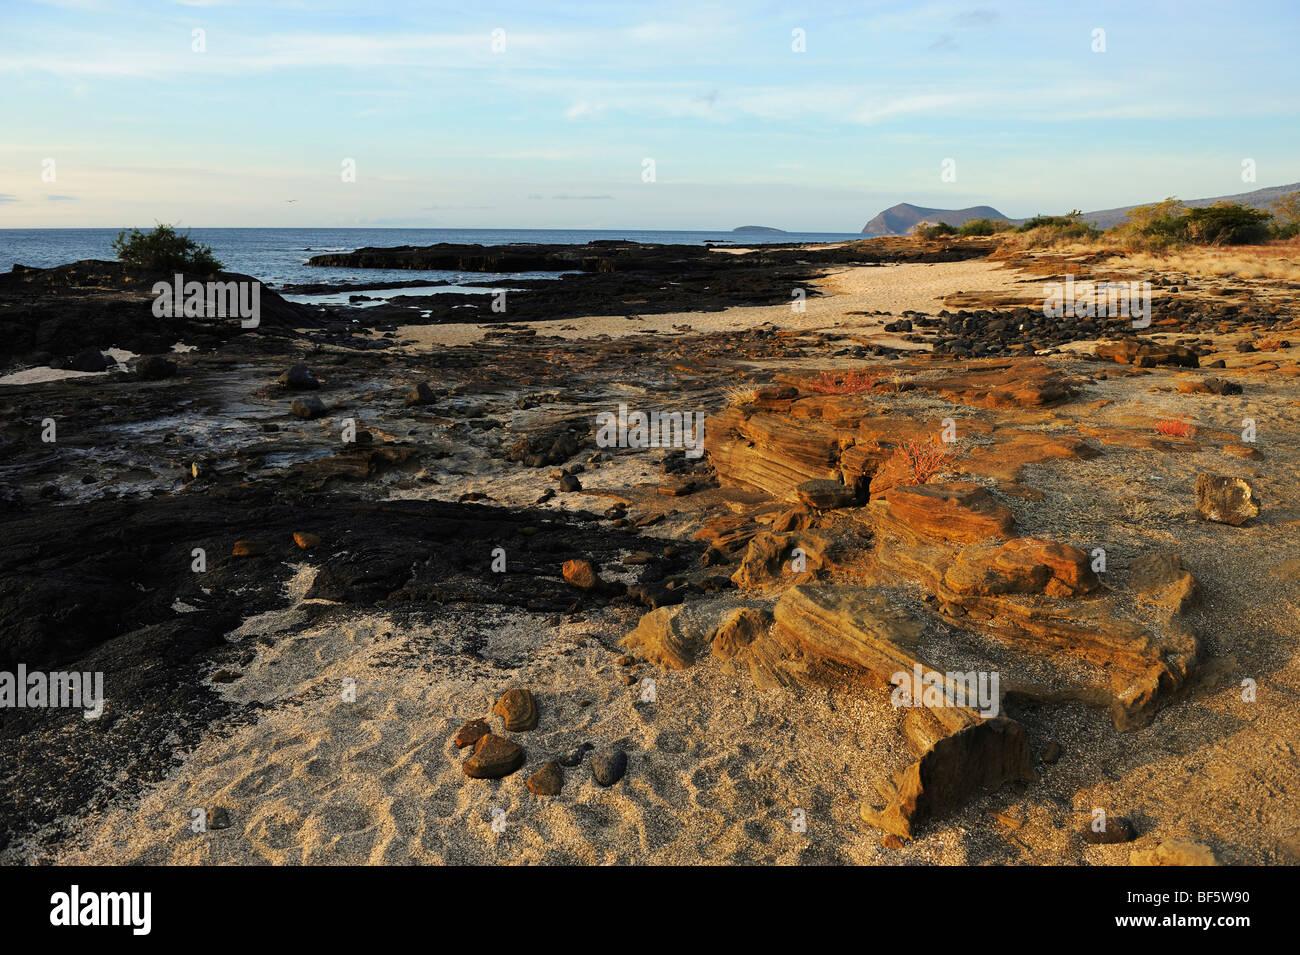 Puerto Egas Bay, Santiago Island, Galapagos Islands, Ecuador, South America Stock Photo